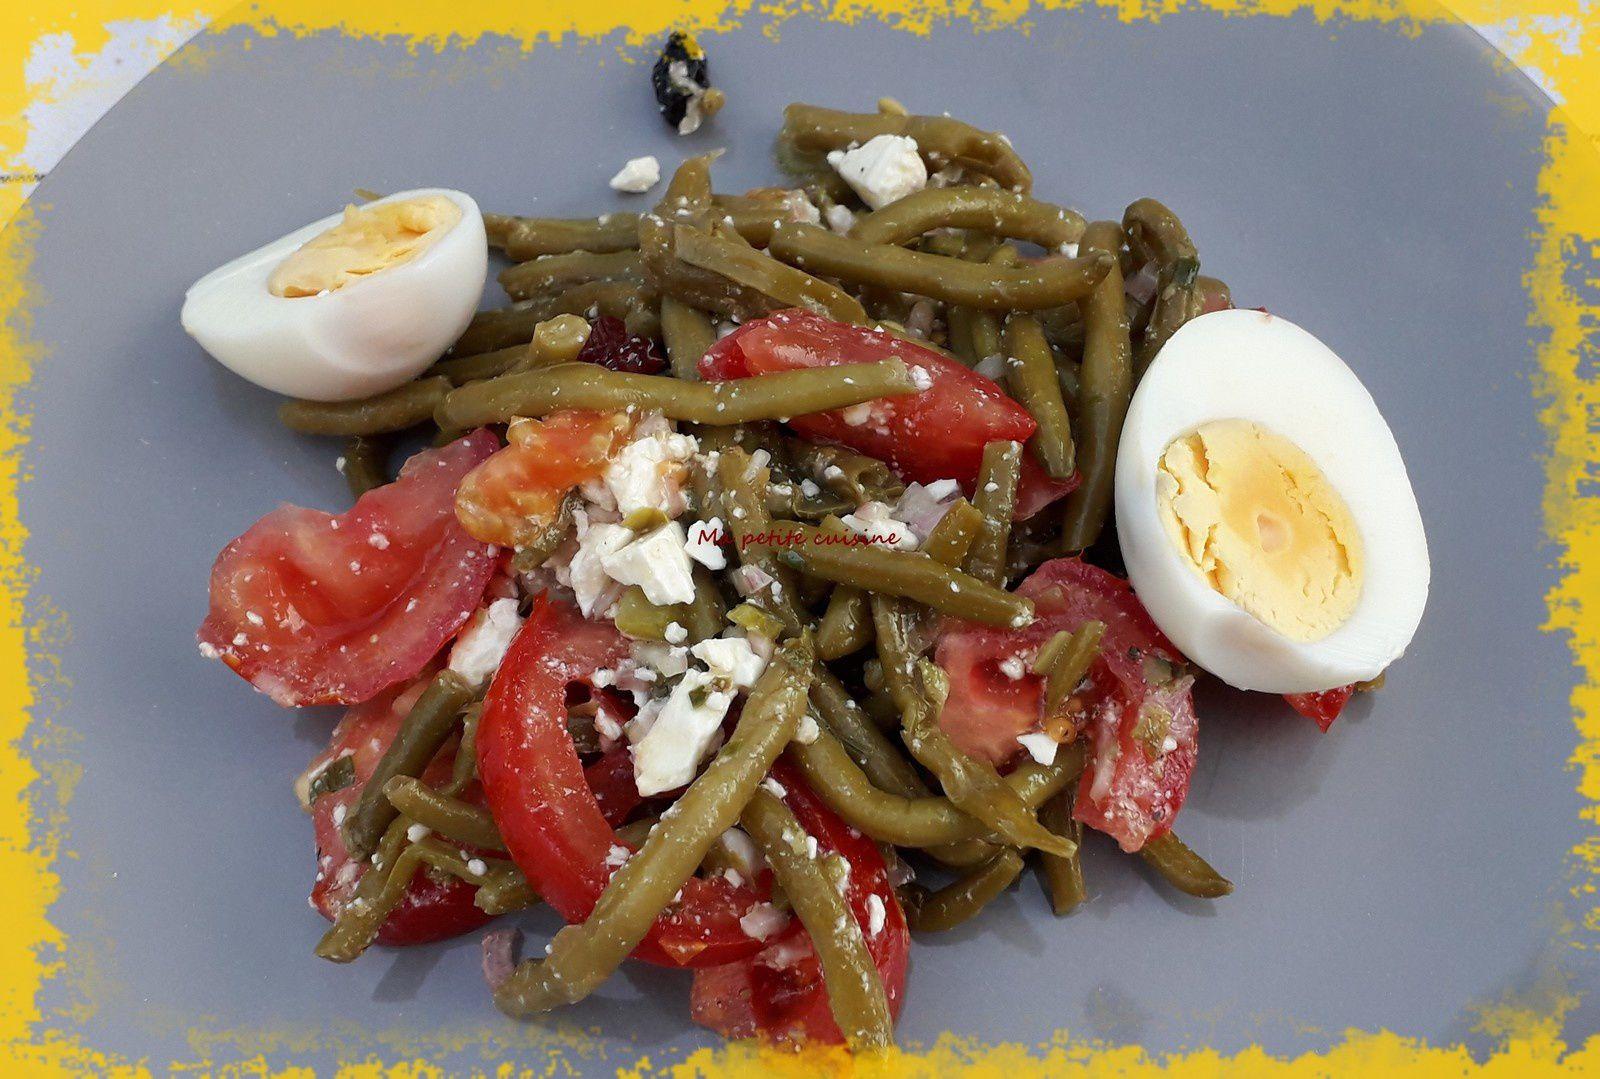 Salade de haricots verts vinaigrette à l'échalotte, capres et cornichons